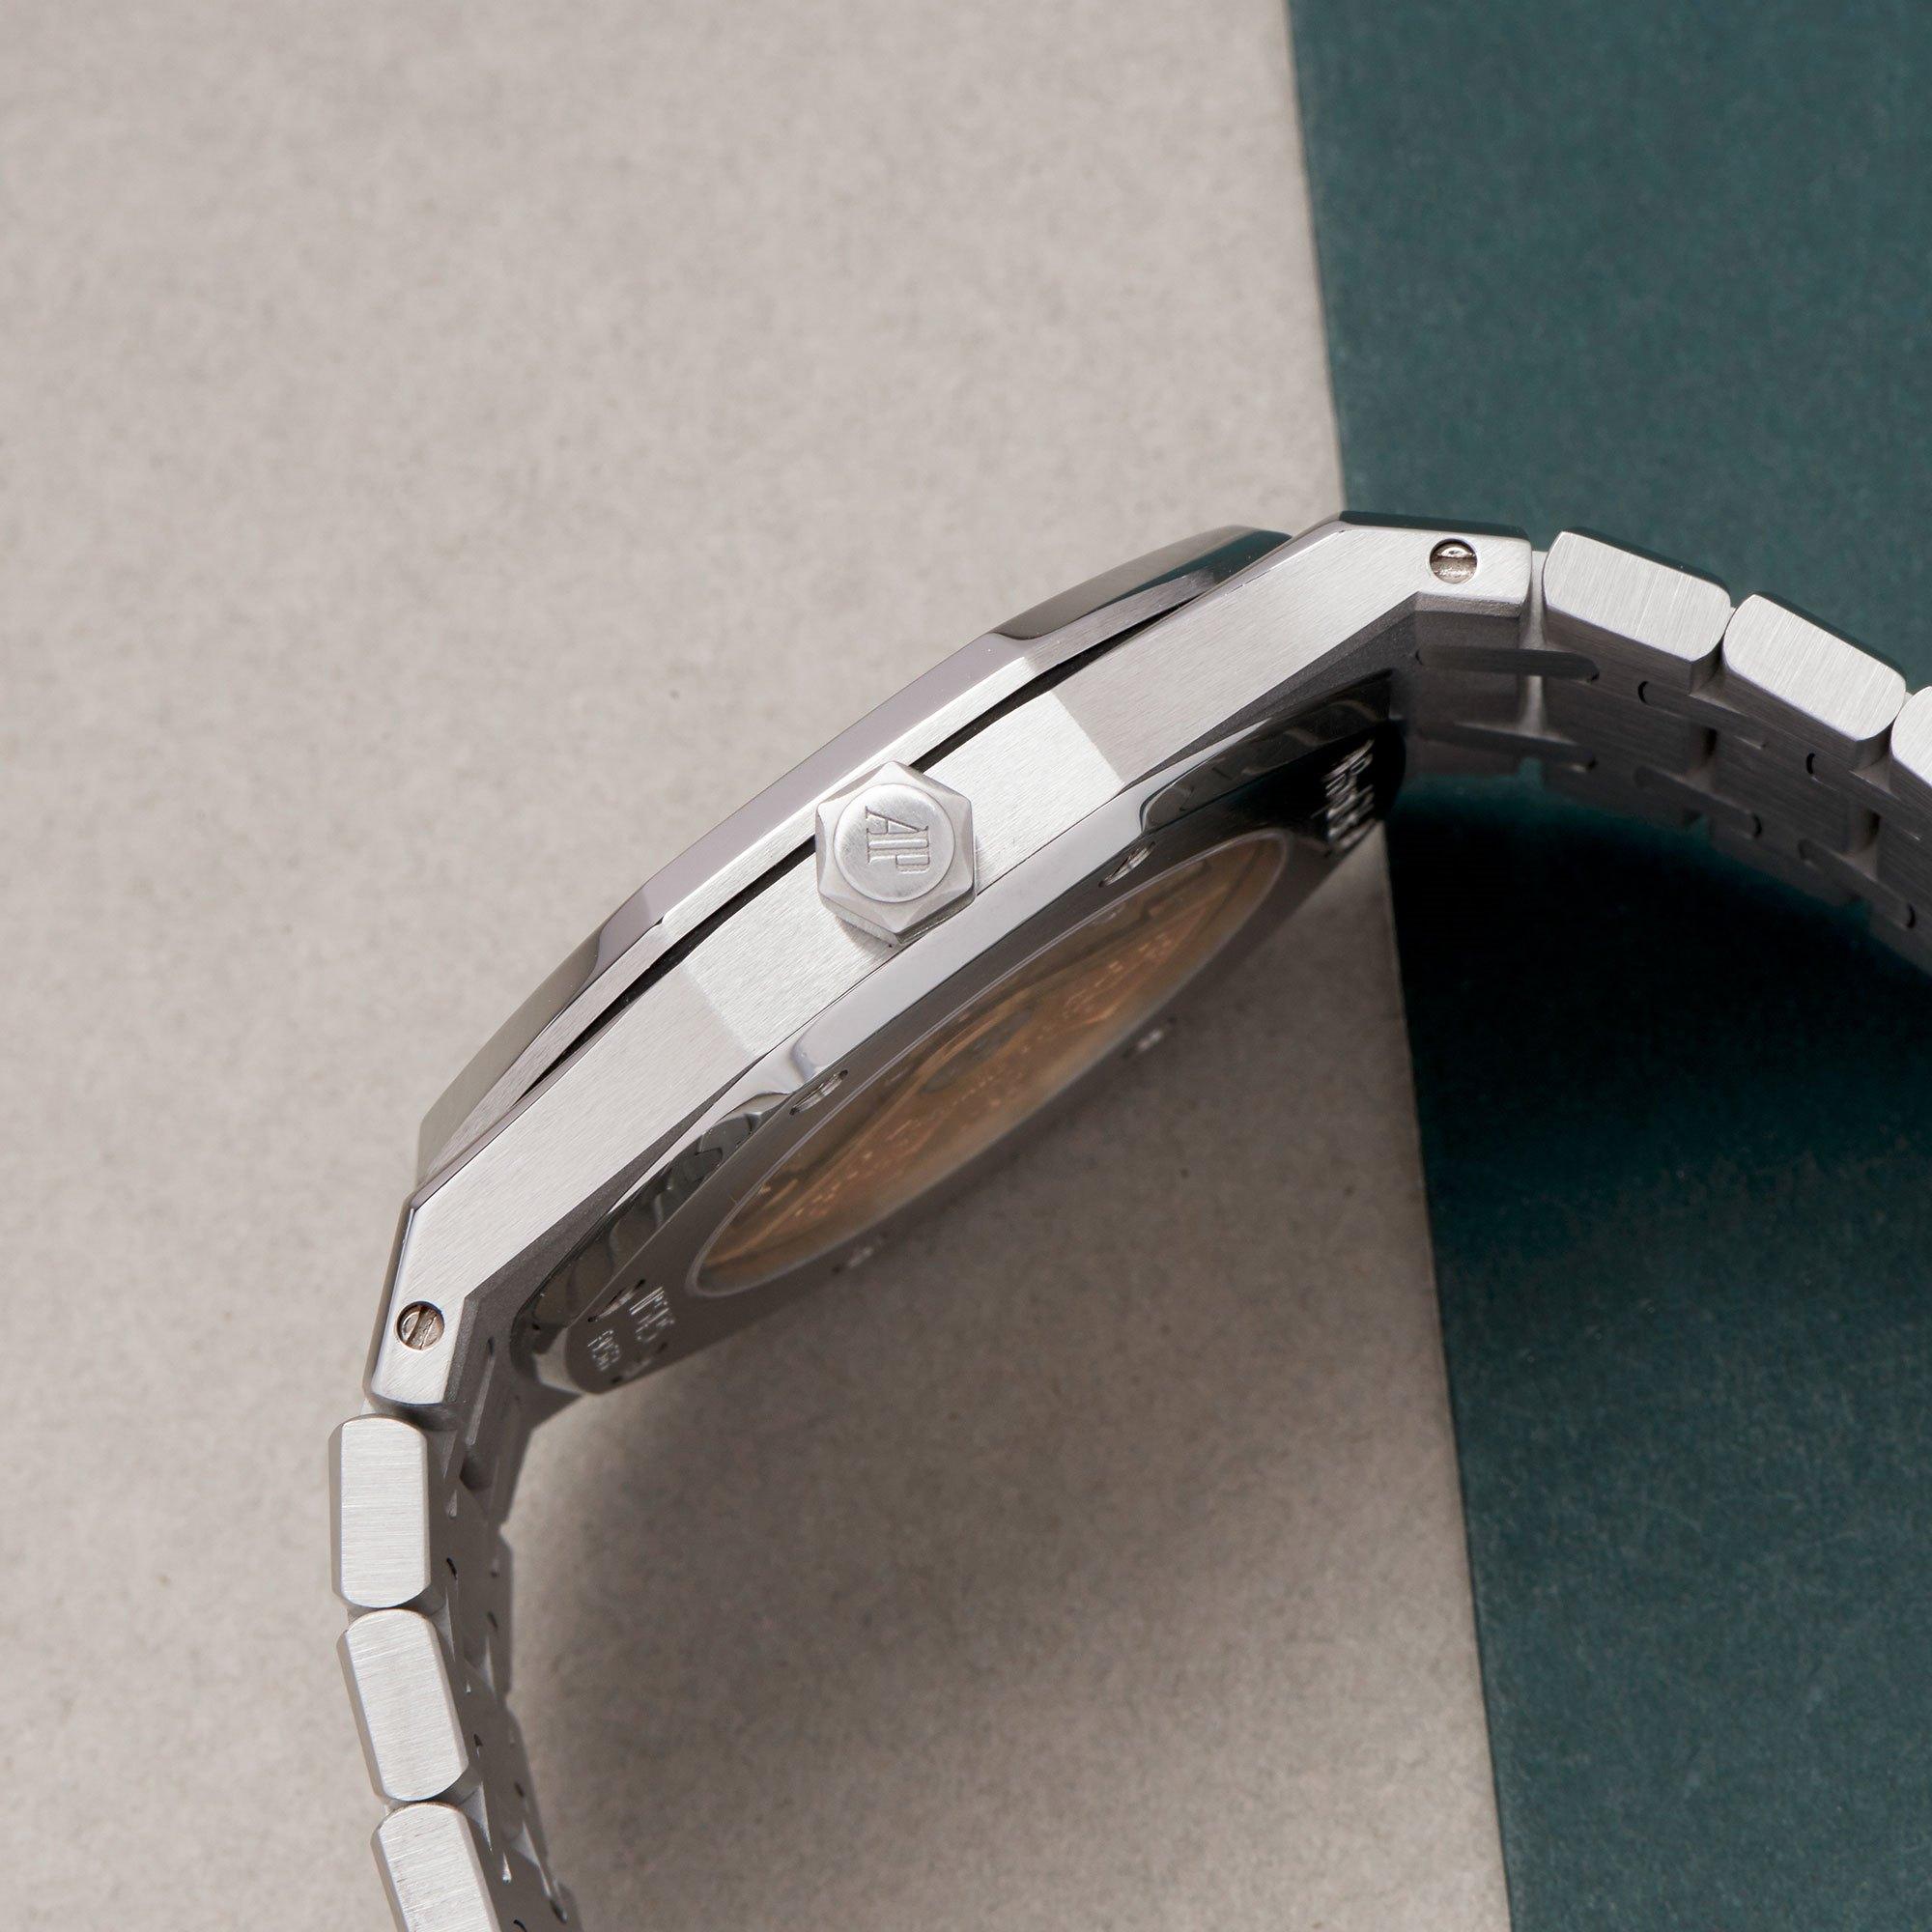 Audemars Piguet Royal Oak Stainless Steel 15300ST